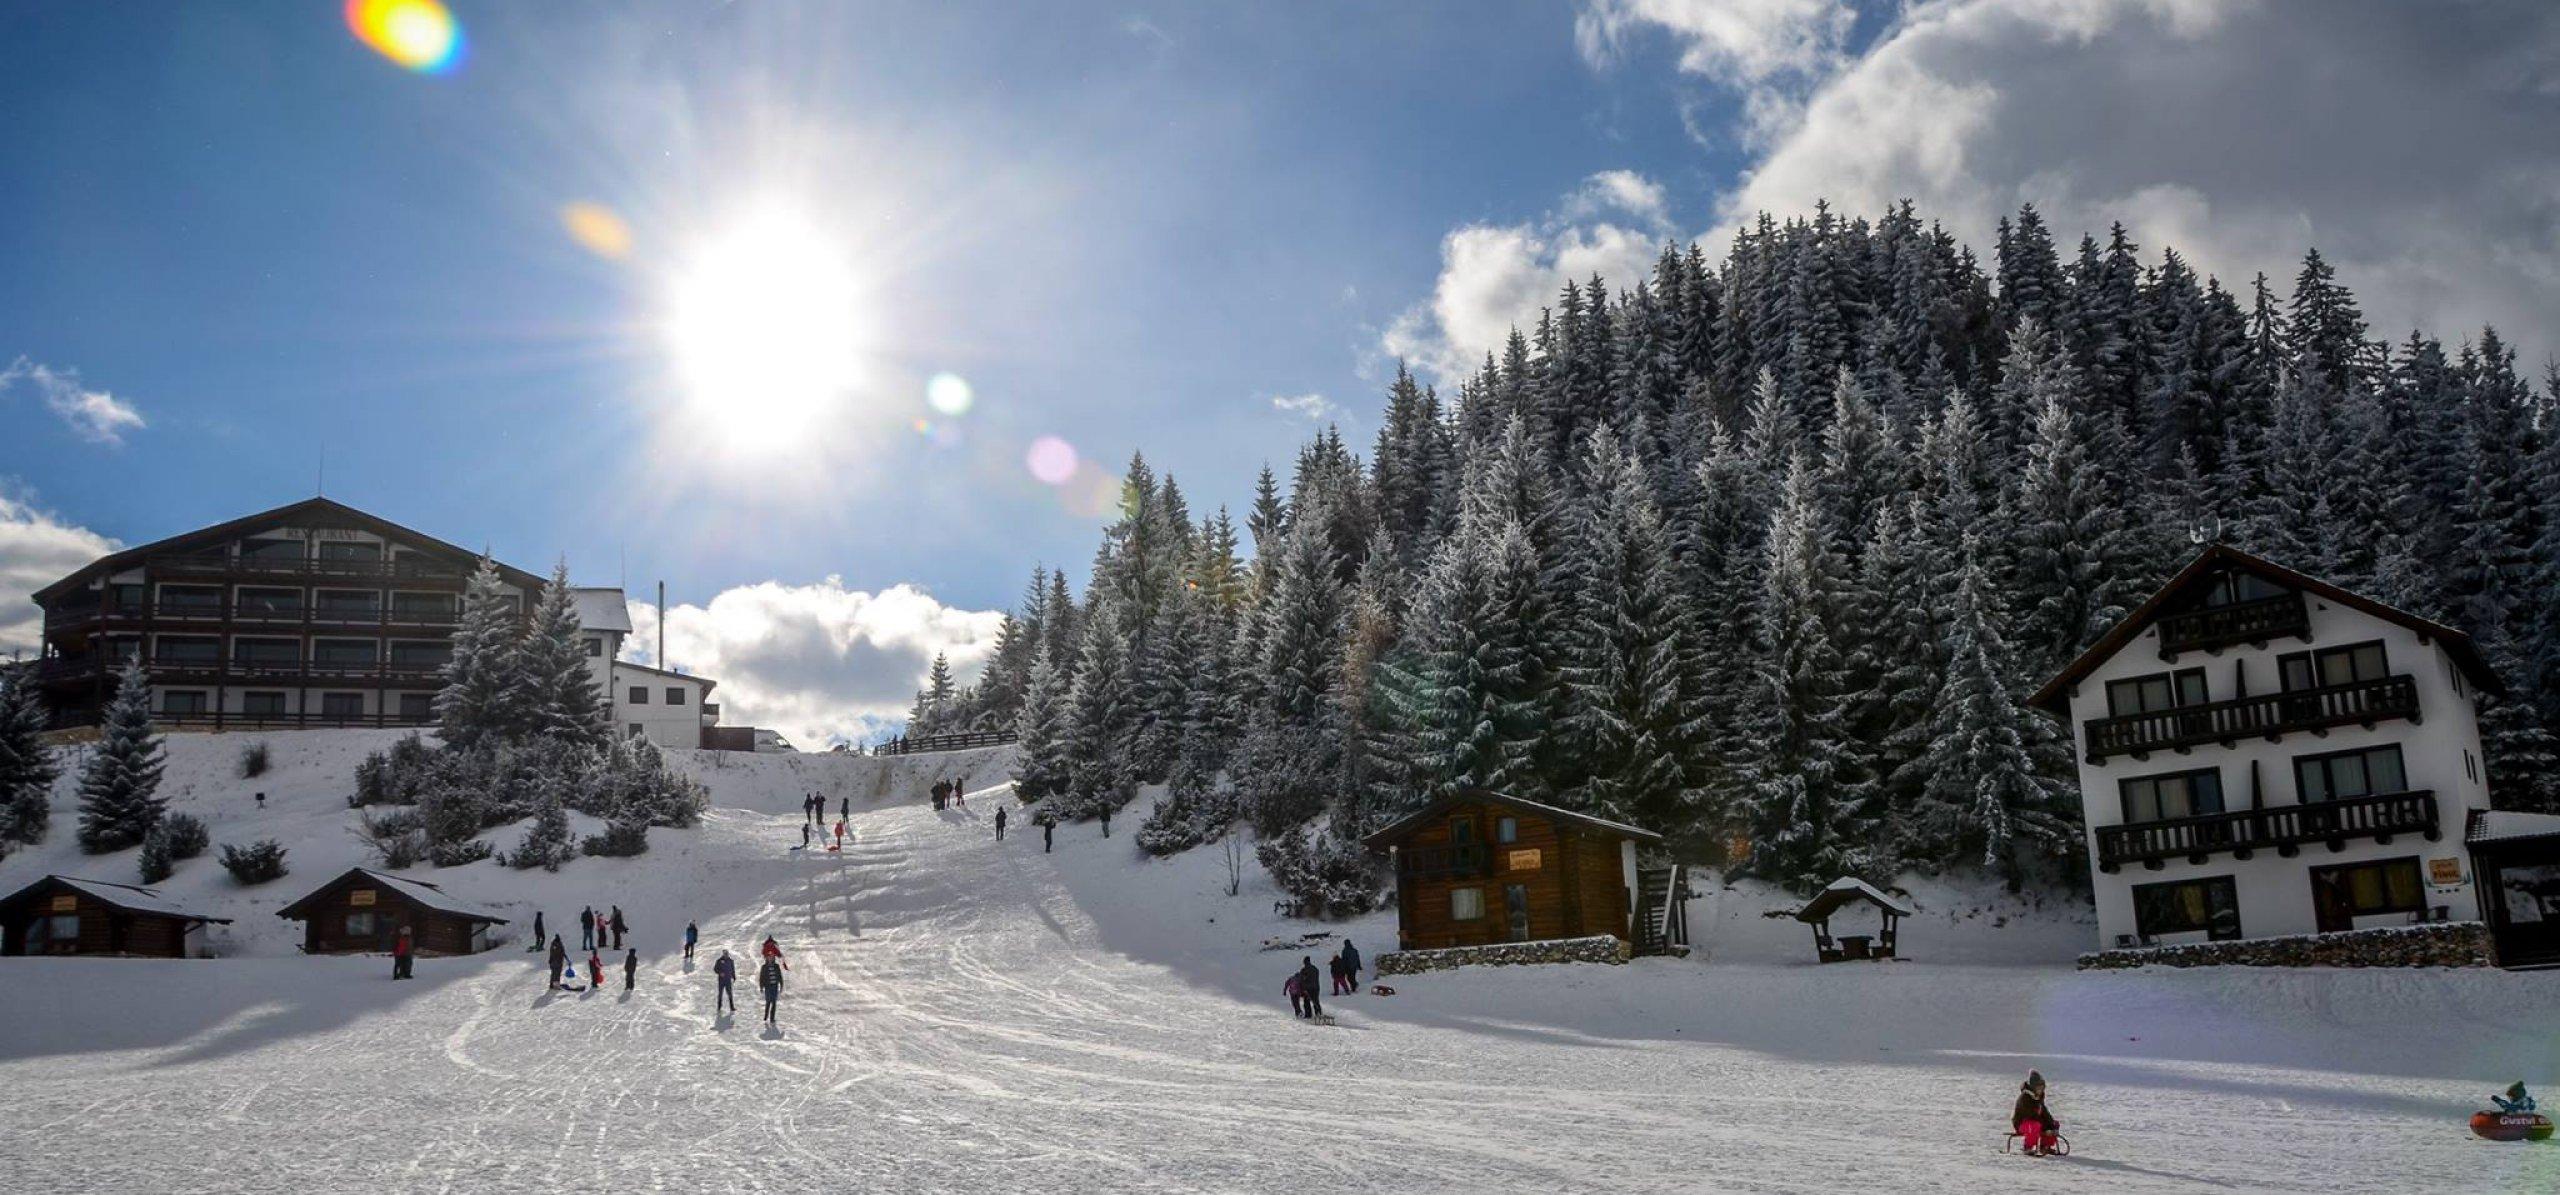 sporturi-de-iarna-pentru-copii-cu-instructor